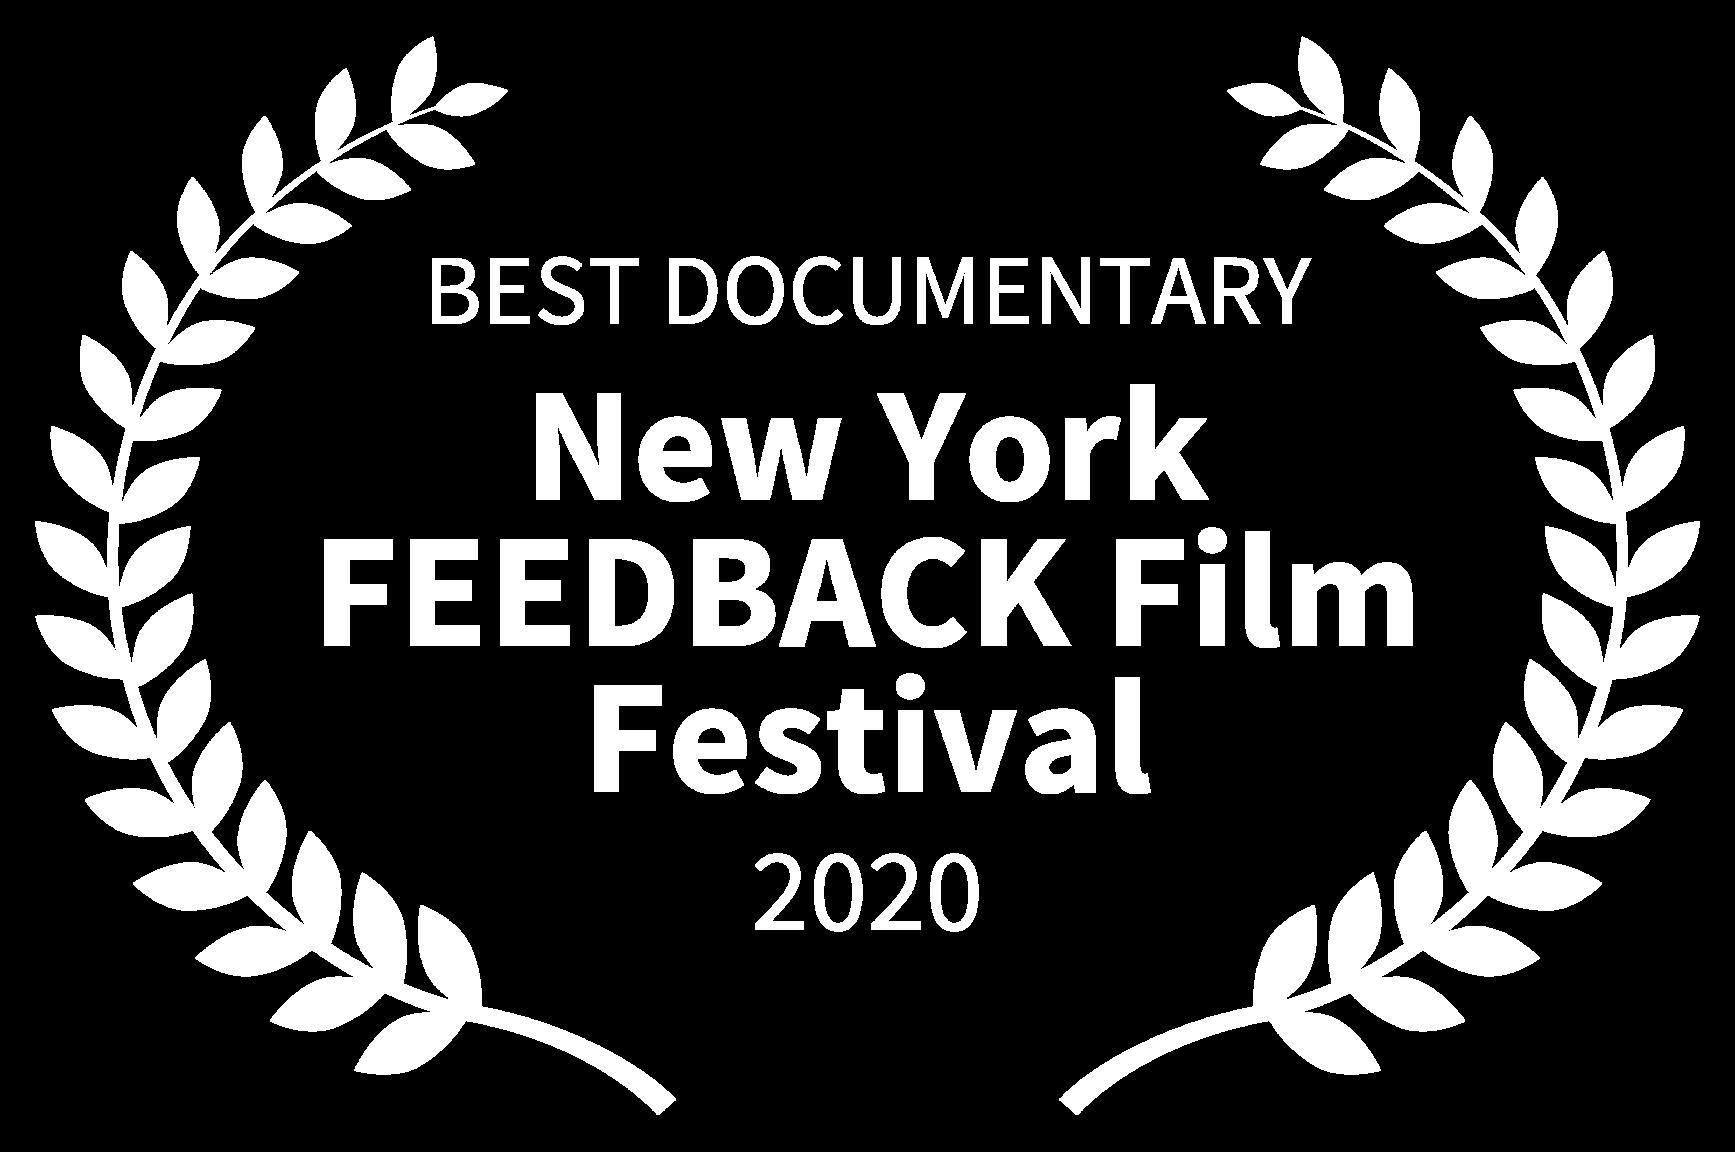 New York Feedback Film Festival